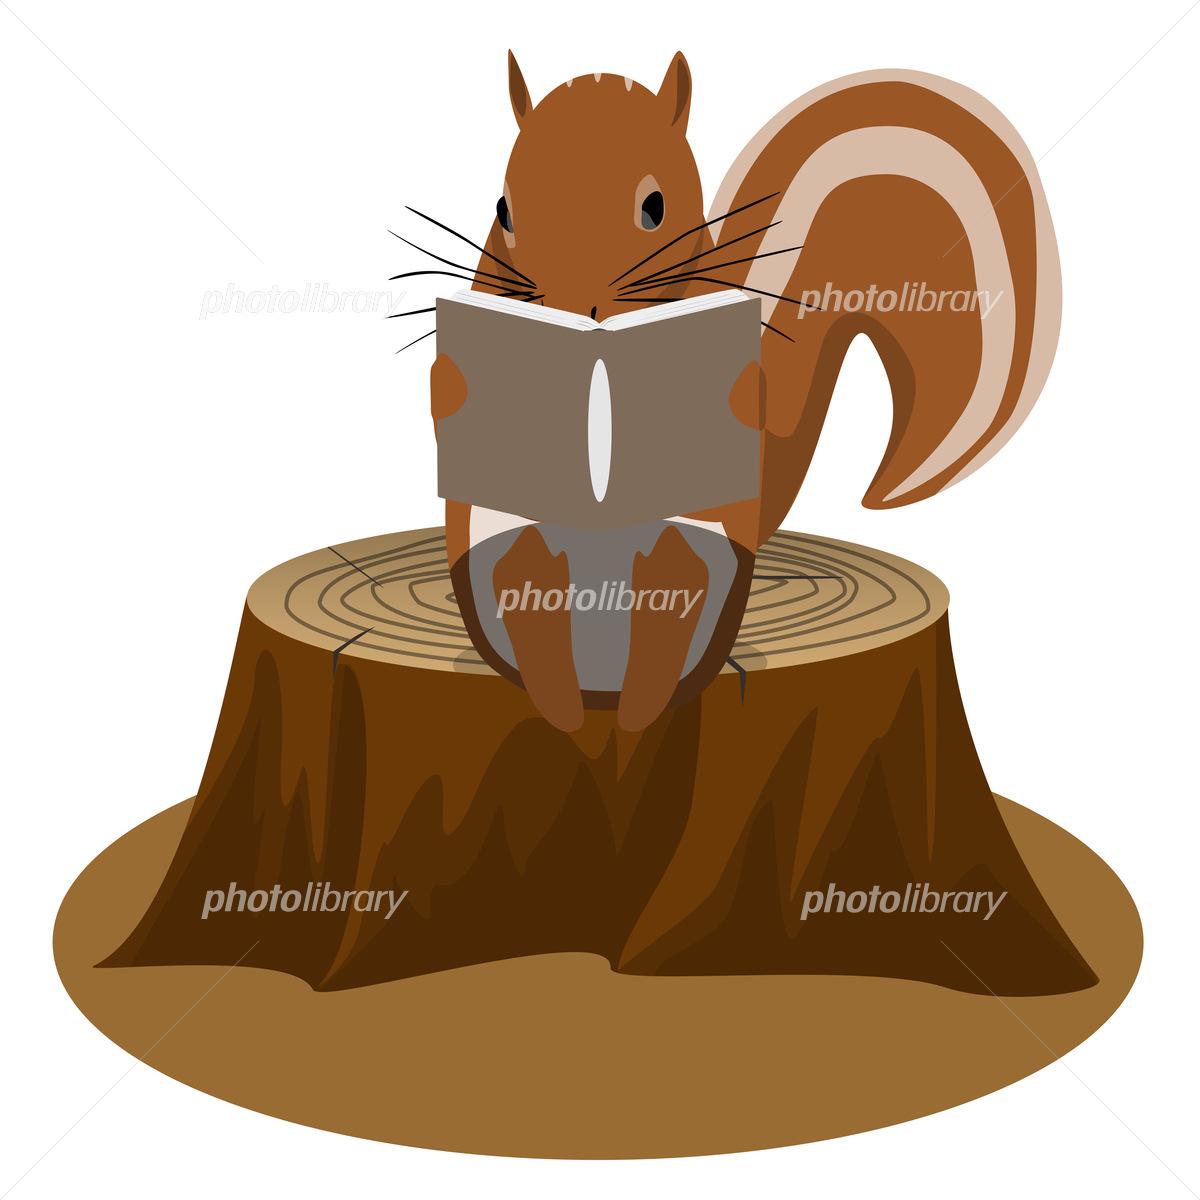 本を読むリス イラスト素材 [ 5615848 ] 無料素材- フォトライブラリー